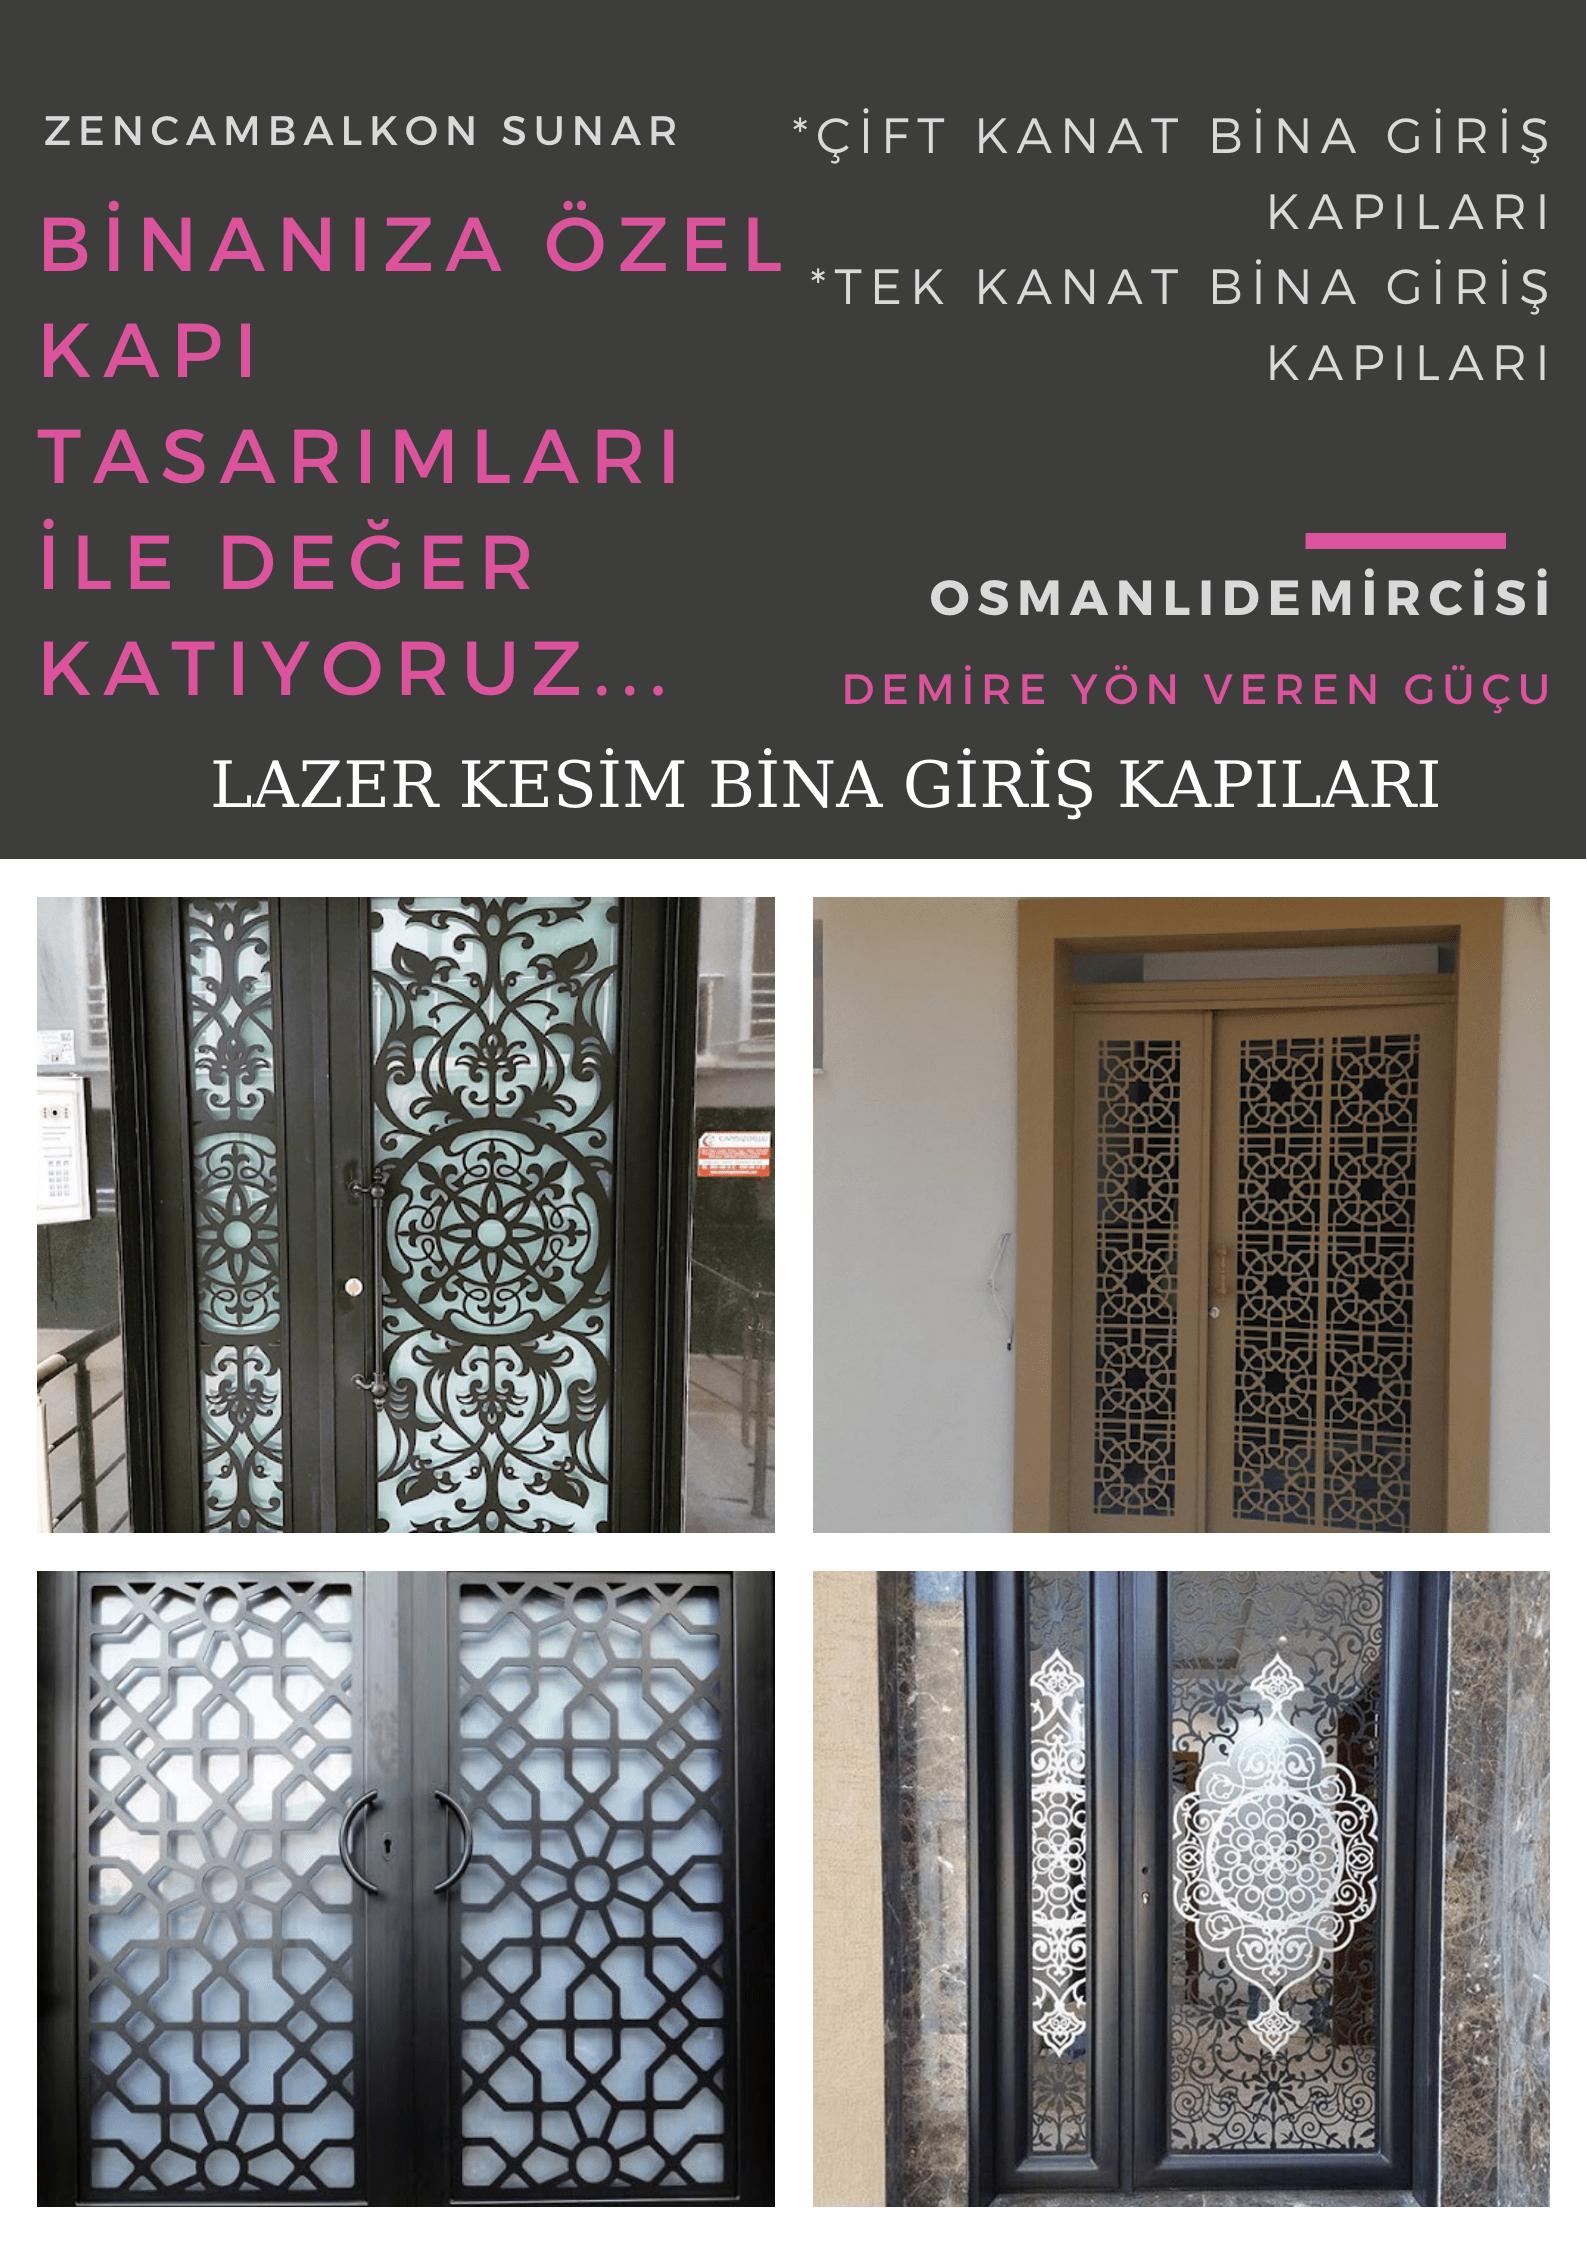 Lazer kesim bina giriş kapısı İzmir